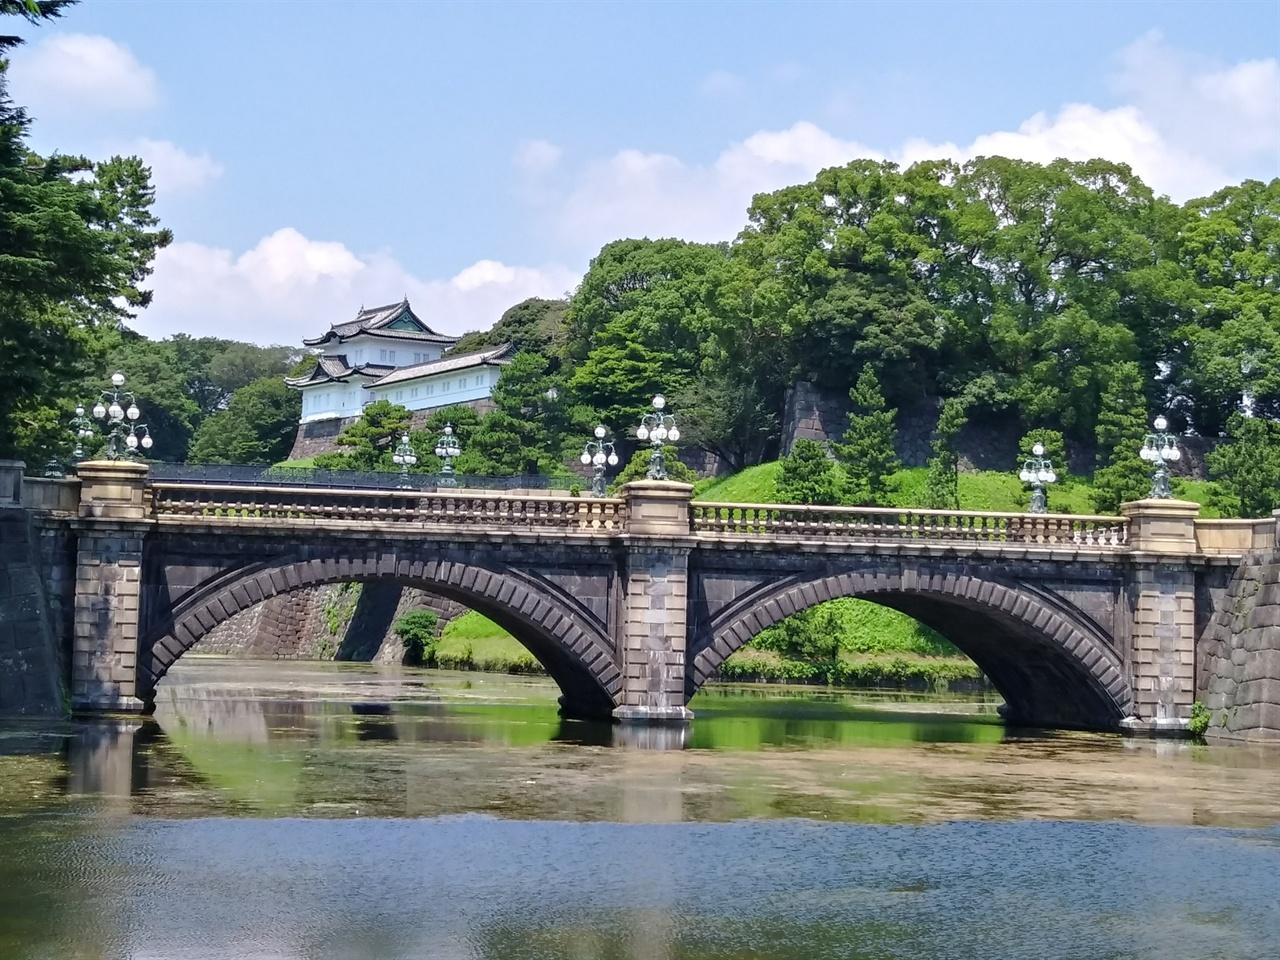 고쿄의 입구, 니주바시 전경 두 겹의 다리라는 뜻의 니주바시 뒤로 에도 성이 보인다.